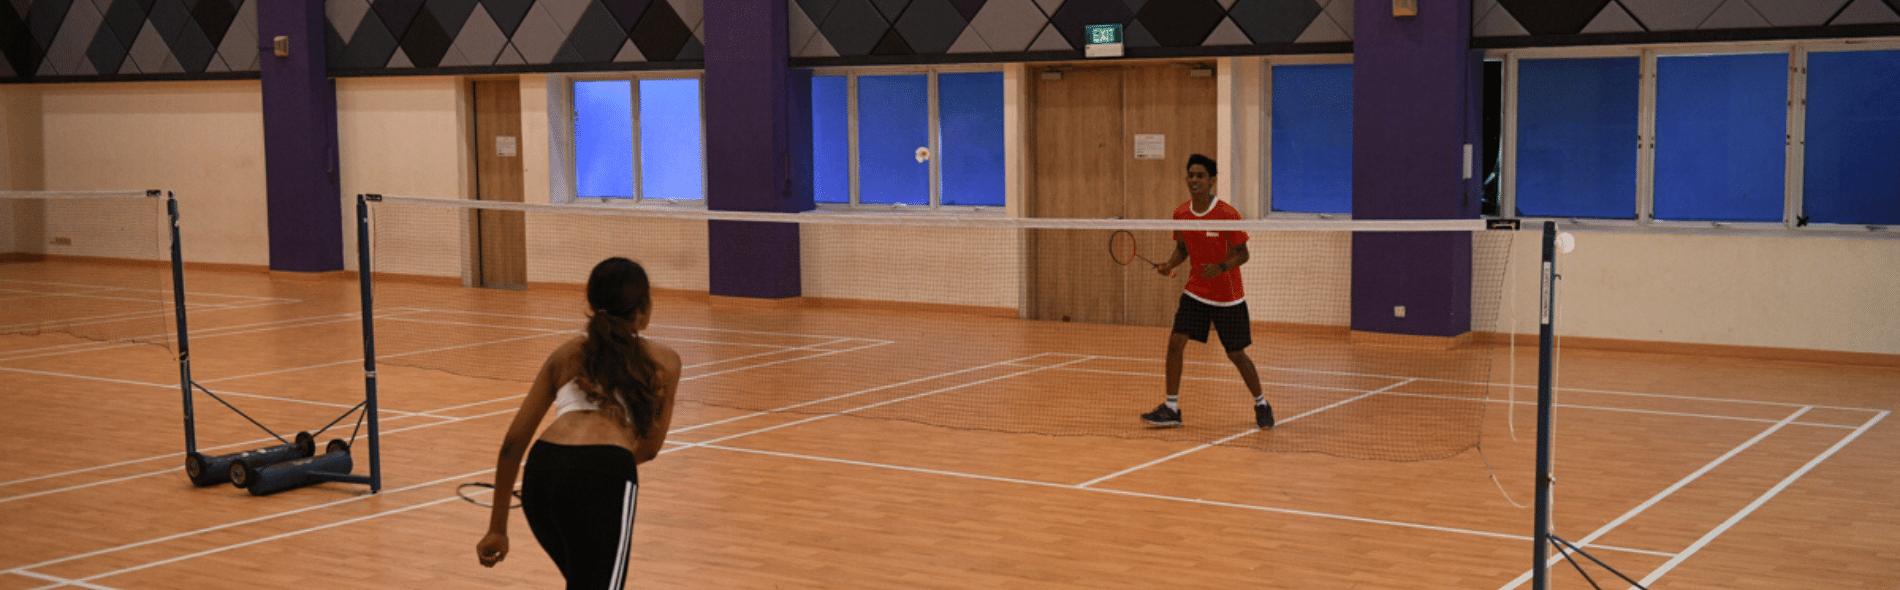 Badminton 1900x590 (1)